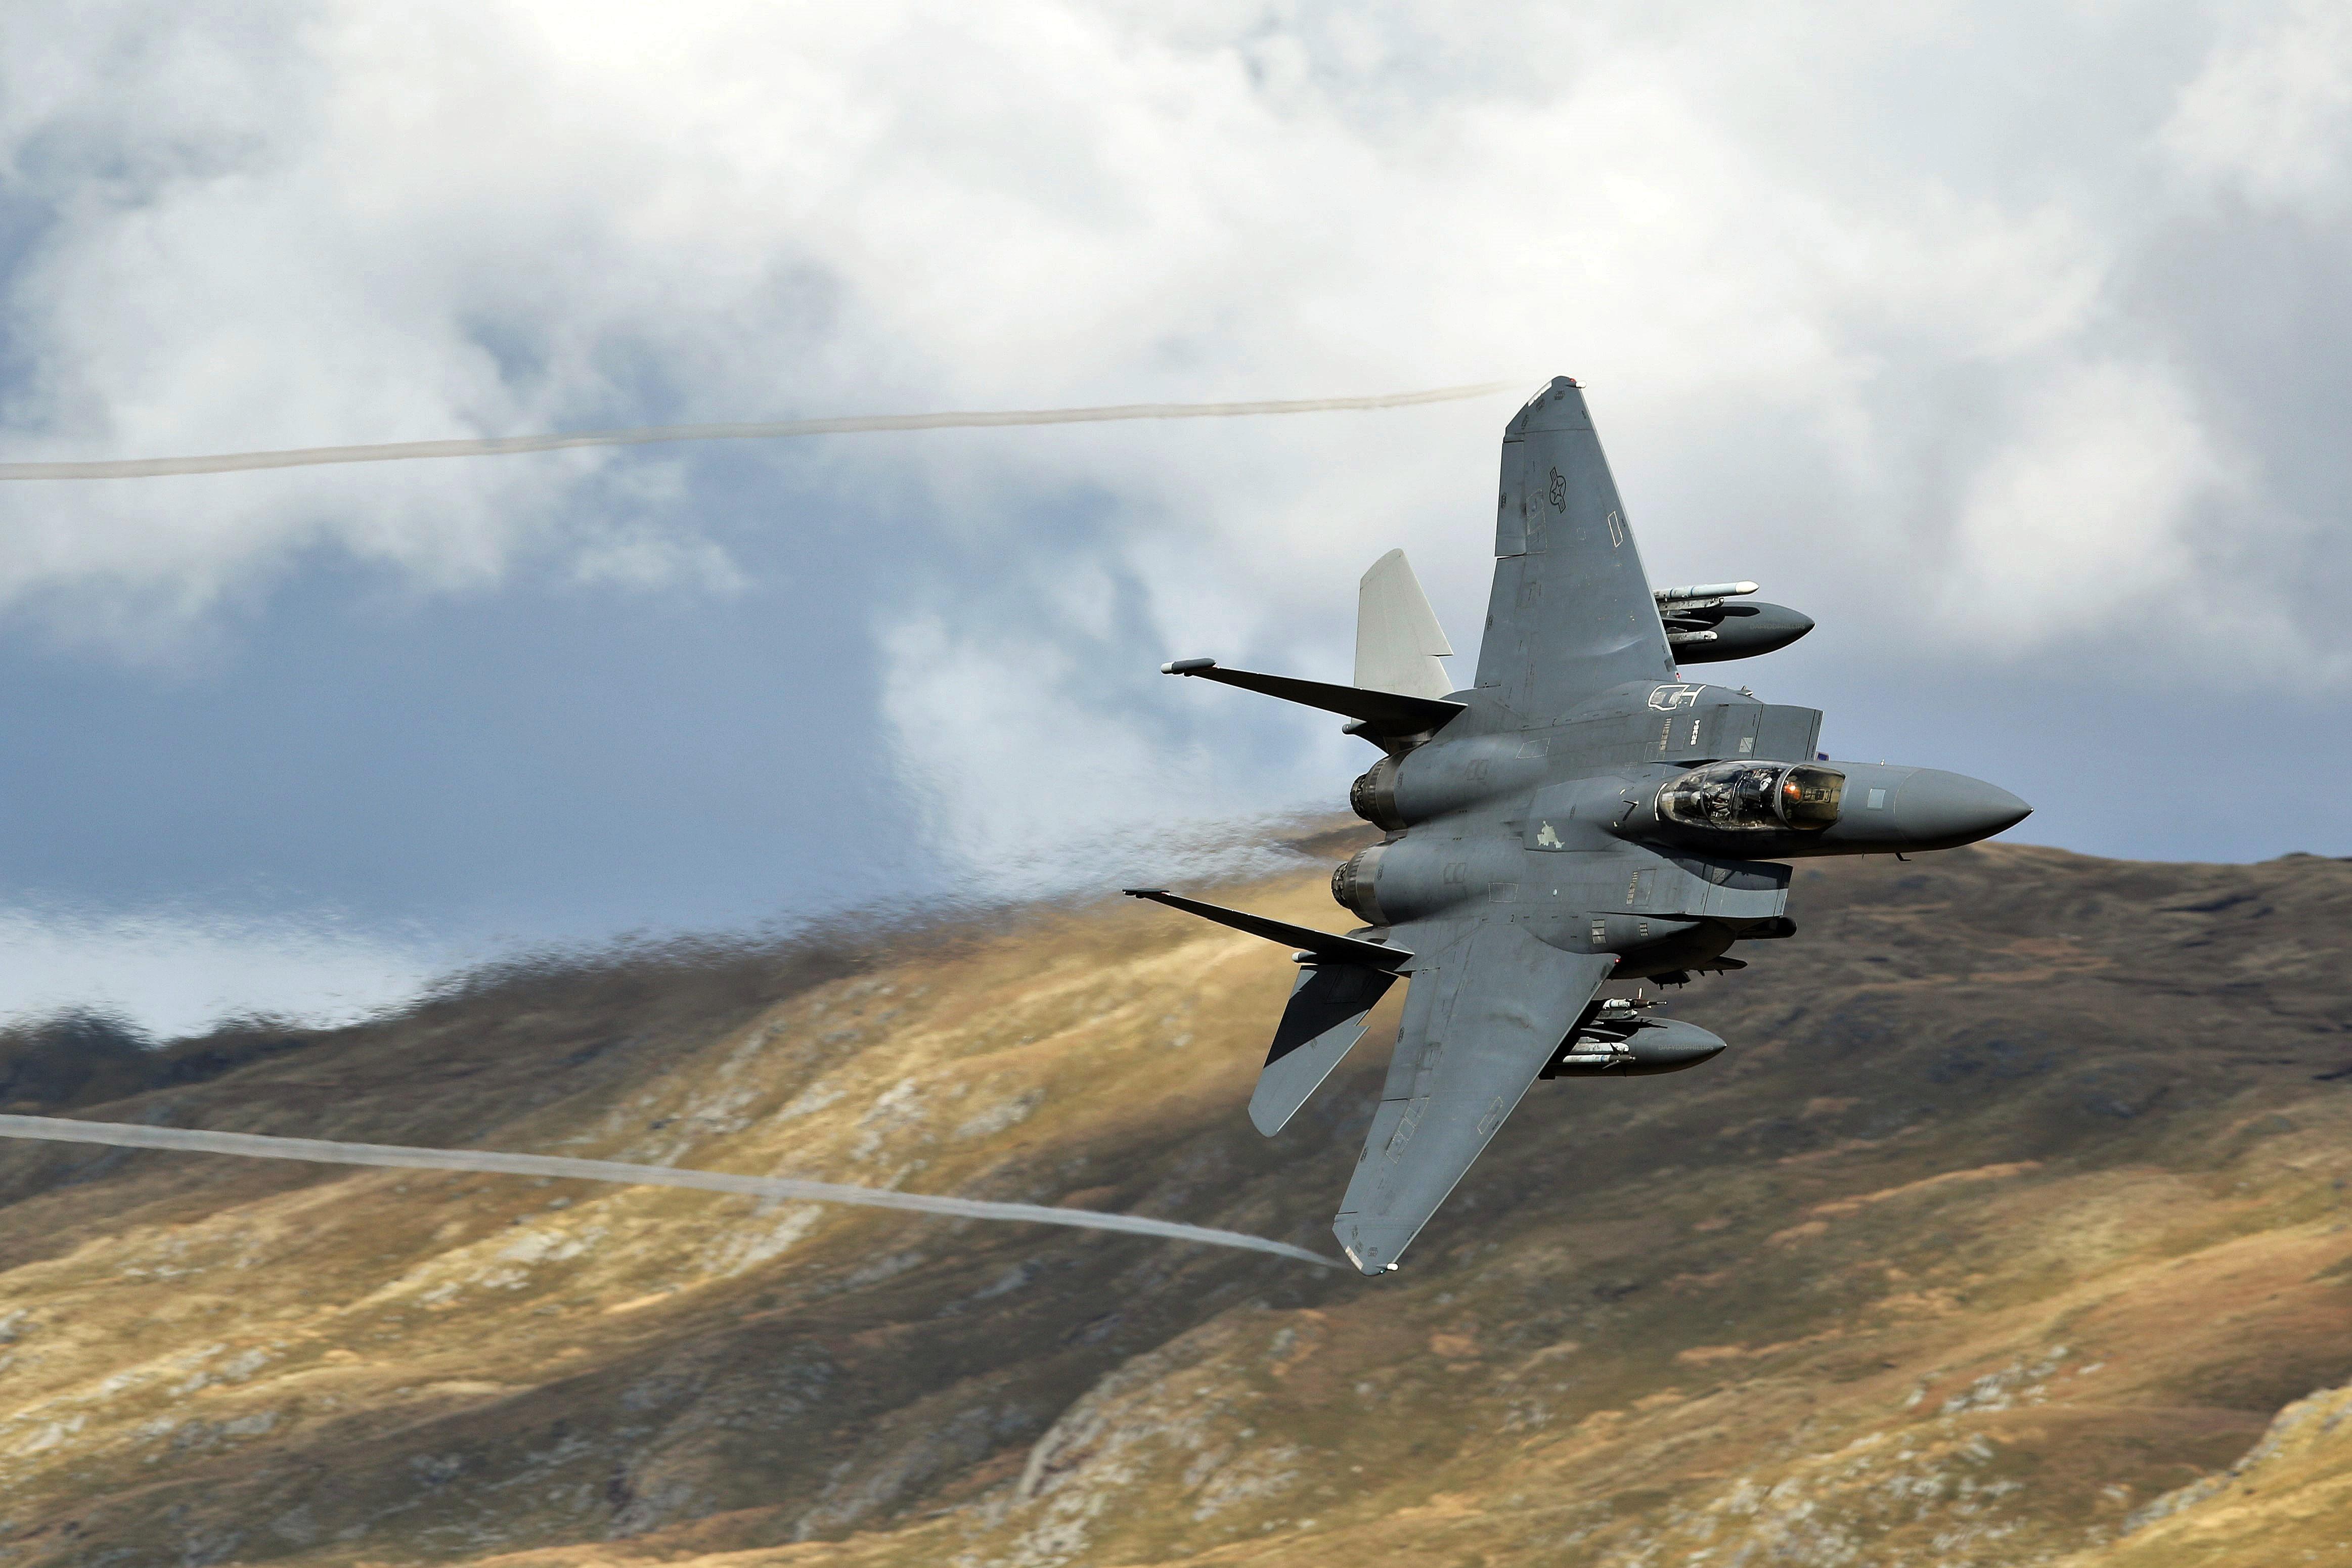 デスクトップ壁紙 飛行機 軍用機 空軍 戦闘機 航空機 地球の